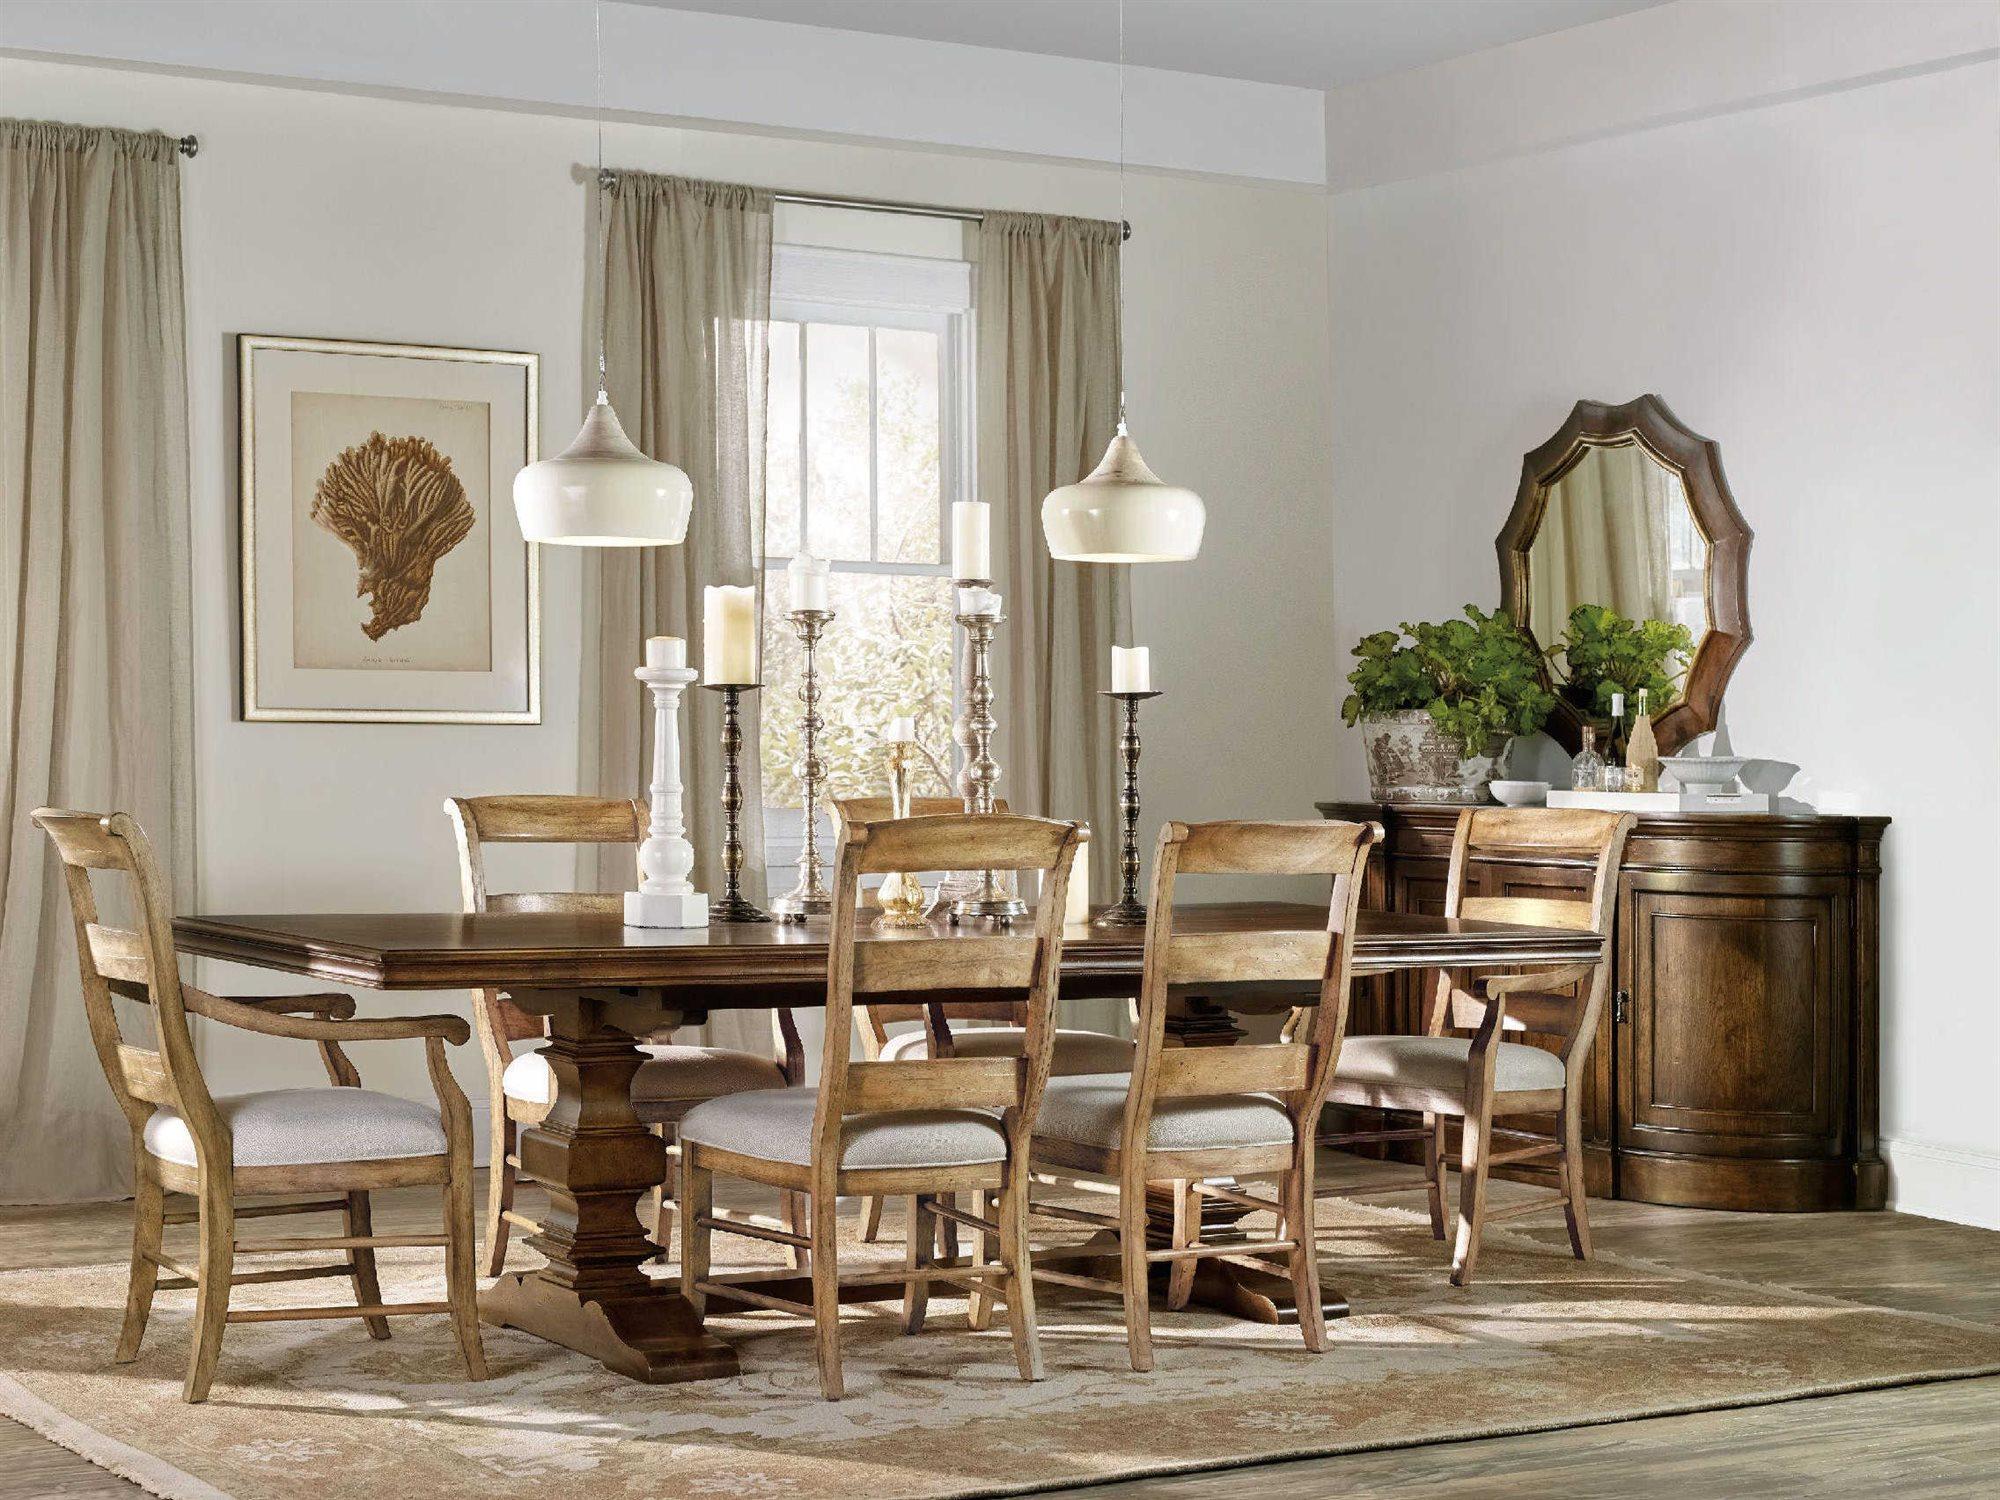 Hooker Furniture Archivist Dining Room Set | HOO544775206SET